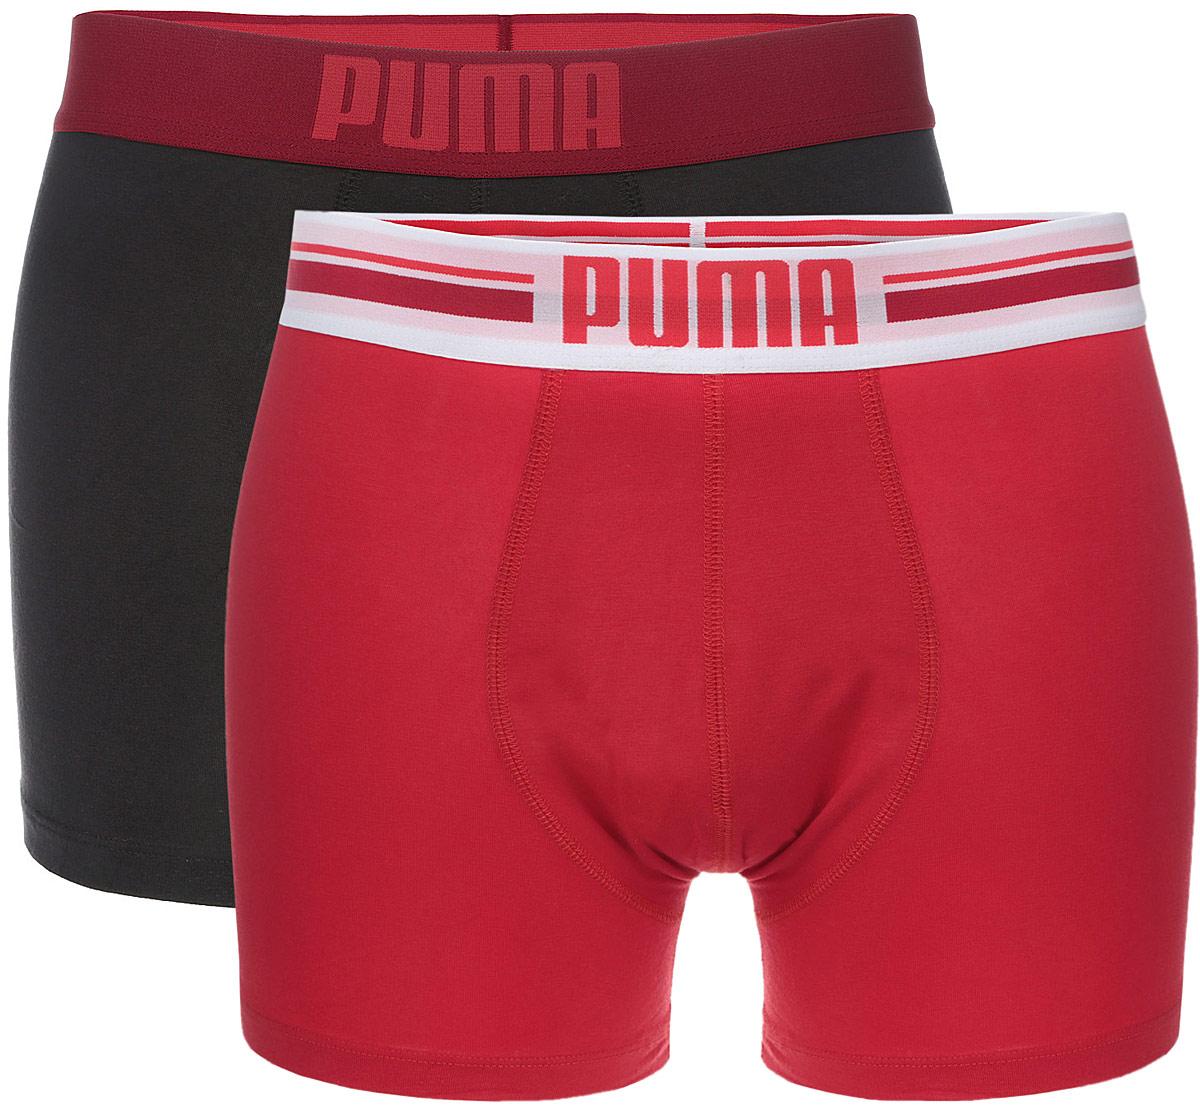 Трусы мужские Puma Placed Logo Boxer 2P, цвет: красный, темно-серый, 2 шт. 90651902. Размер L (48/50)90651902Комплект классических трусов-боксеров Puma Placed Logo Boxer 2P на широкой резинке с надписью логотипа бренда по поясу. Тонкие, мягкие, нежные и приятные к телу трусы подходят к любой фигуре и будут незаметны под одеждой. Модель создана для тех, кто предпочитает комфорт, практичность и современный дизайн. В комплекте 2 шт.